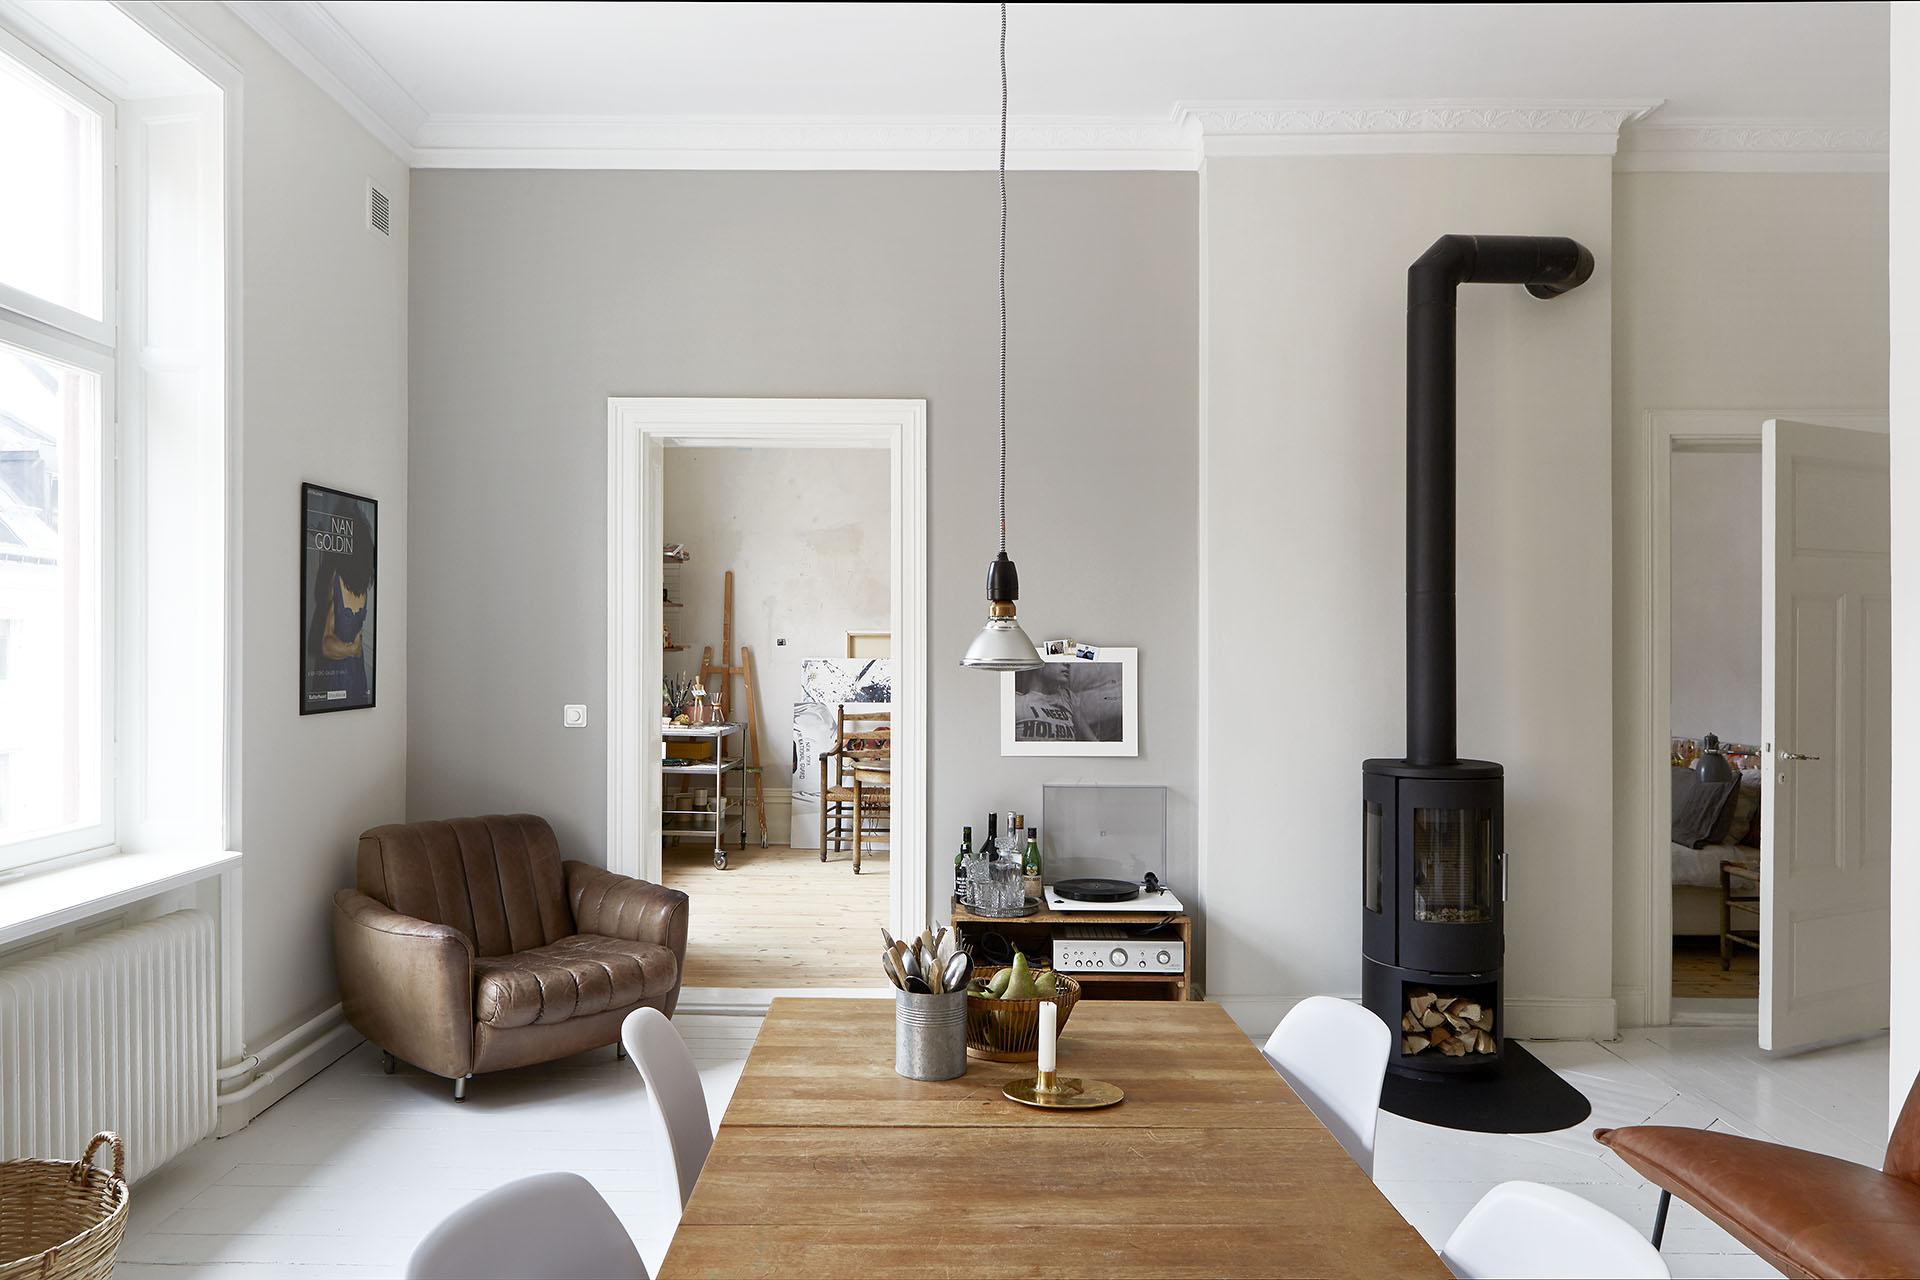 Apartamento nordico-industrial en Estocolmo 02